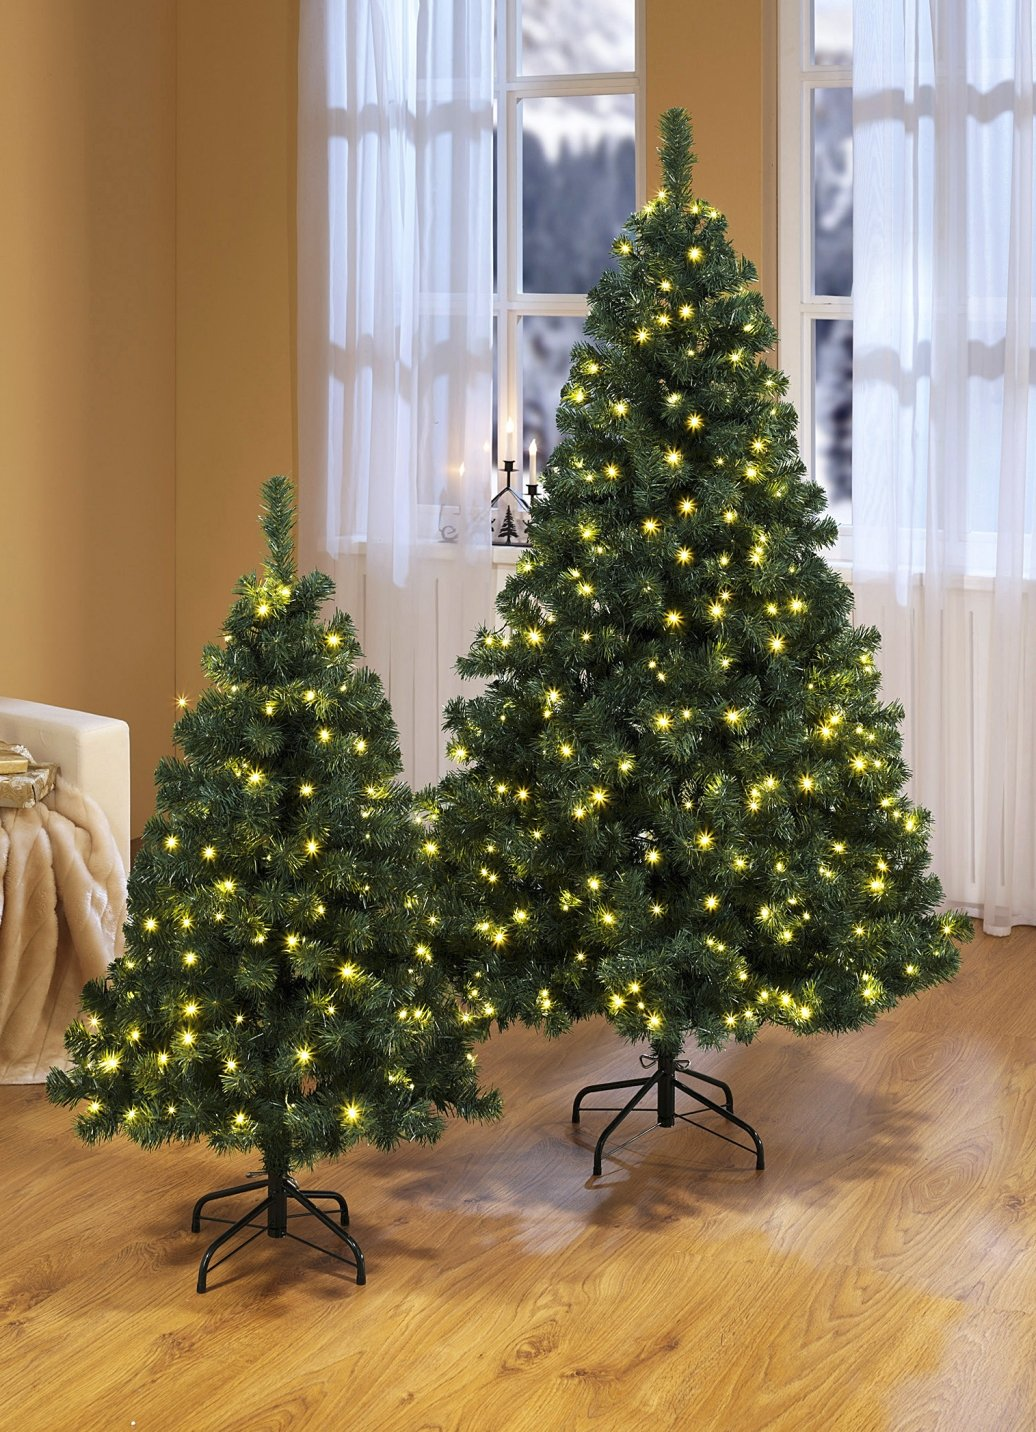 Weihnachtsbaum Künstlich Beleuchtet.Weihnachtsbaum 180 Cm Beleuchtet Christbaum Tannenbaum Dekoration